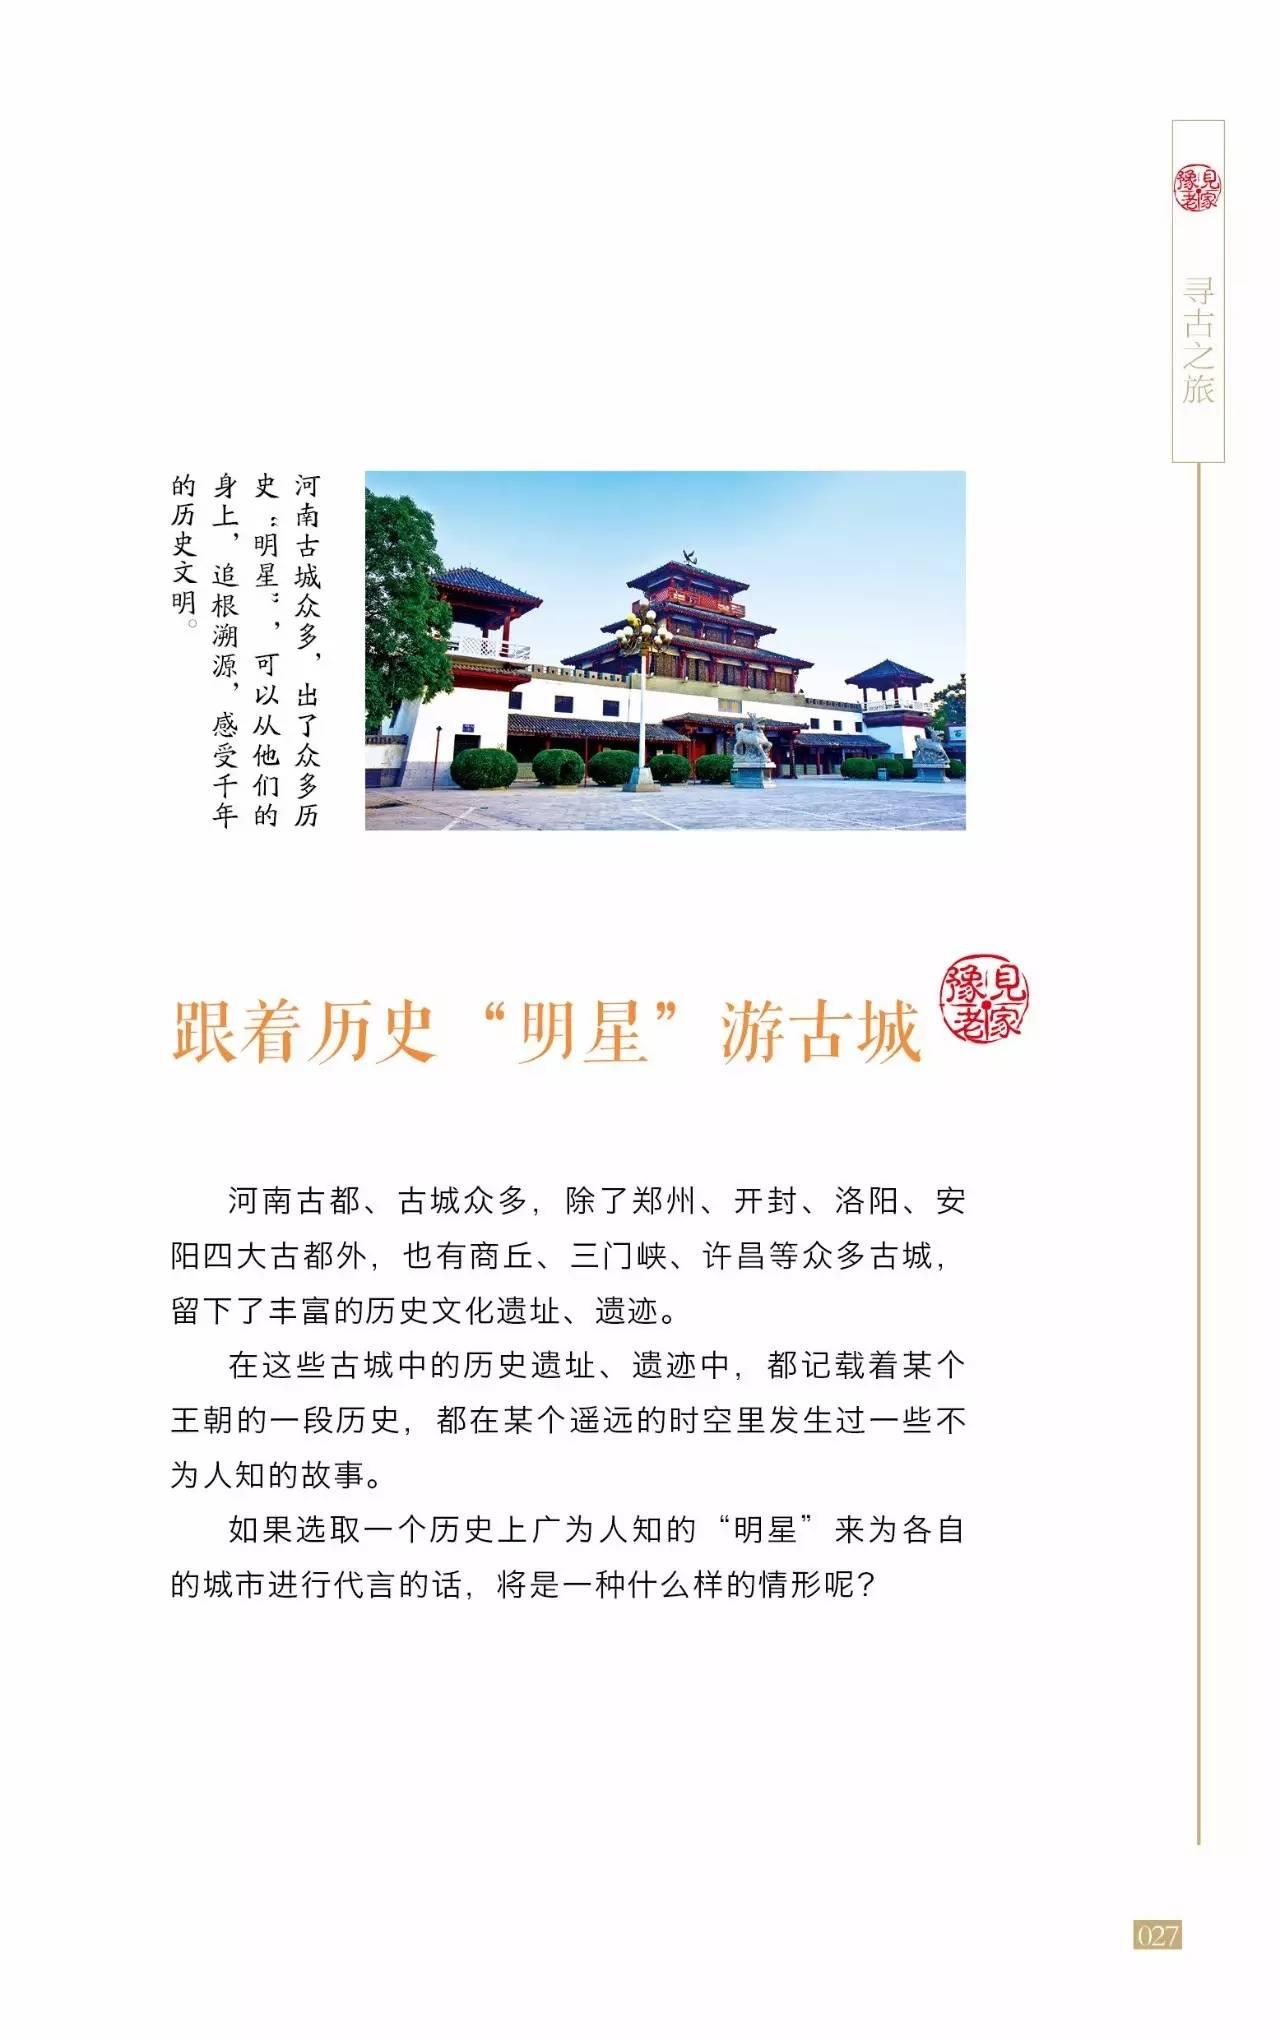 中国历史朝代简介内容